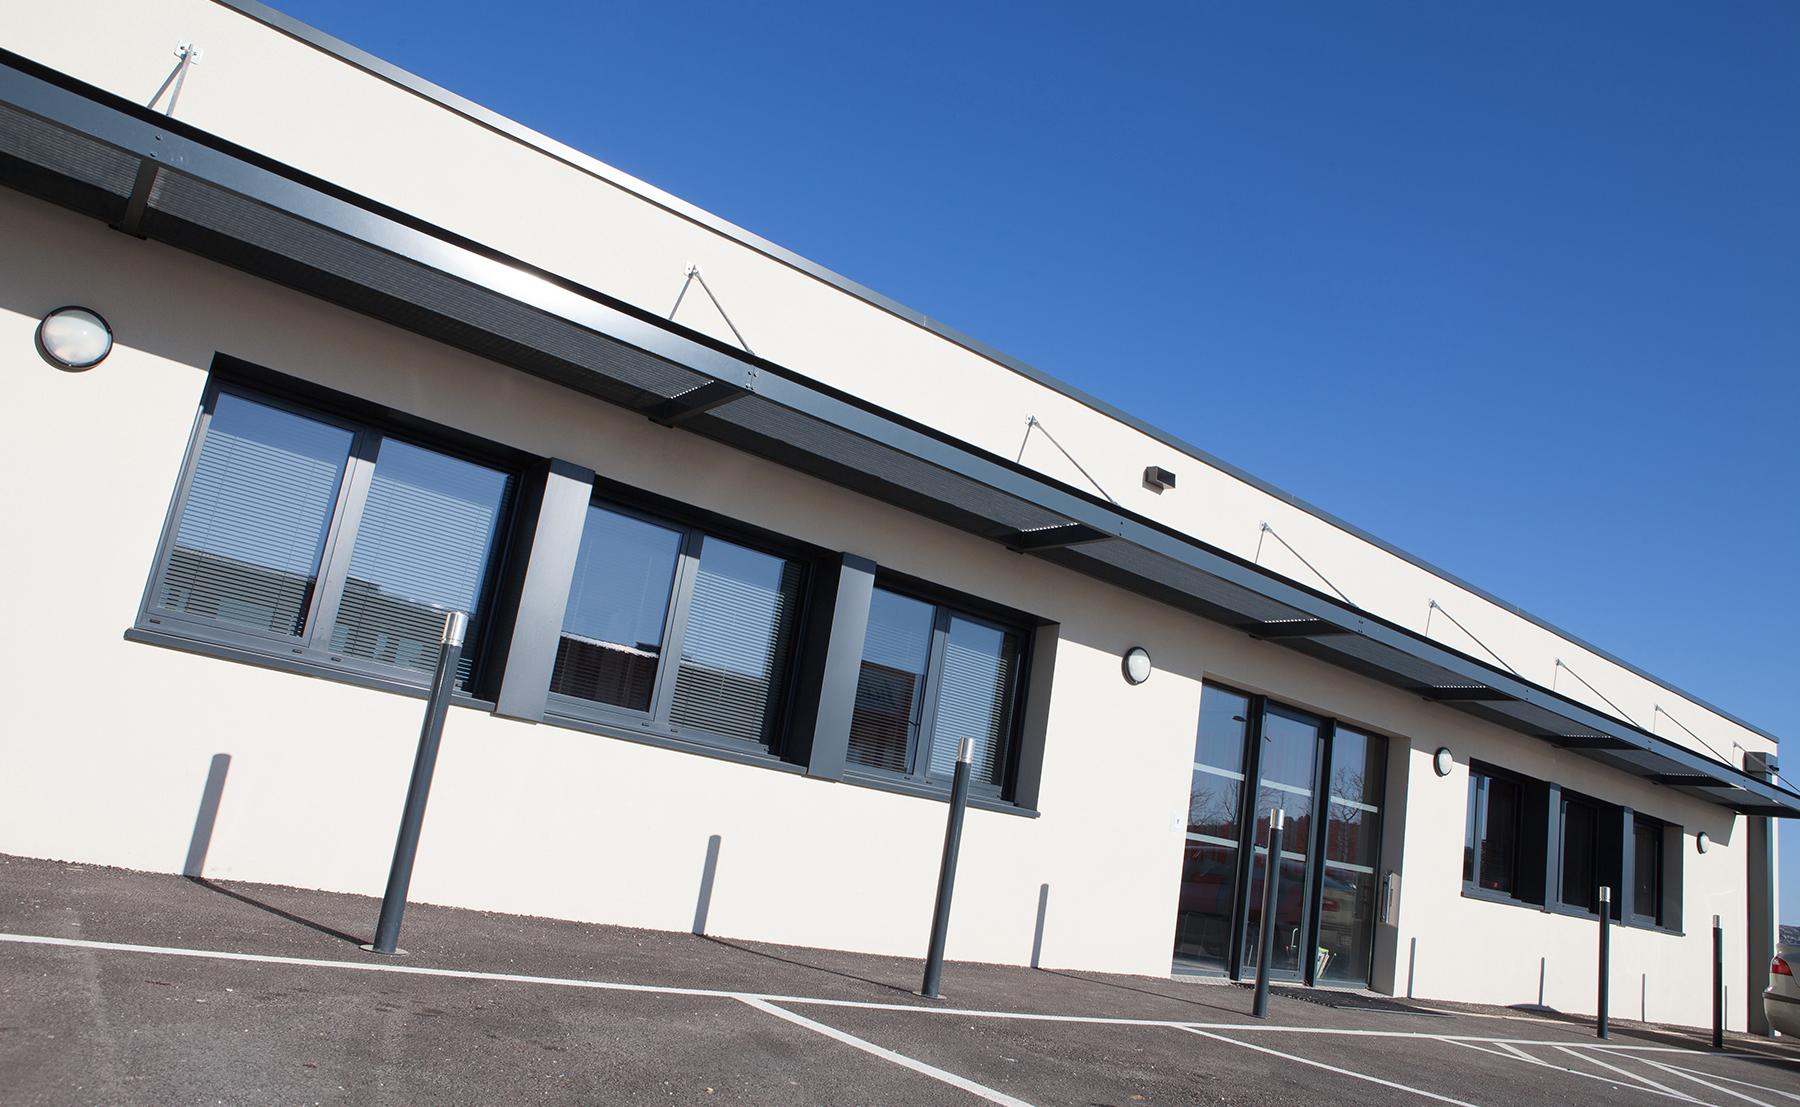 Bureaux et entrepôt SNP - Bâtiment industriel